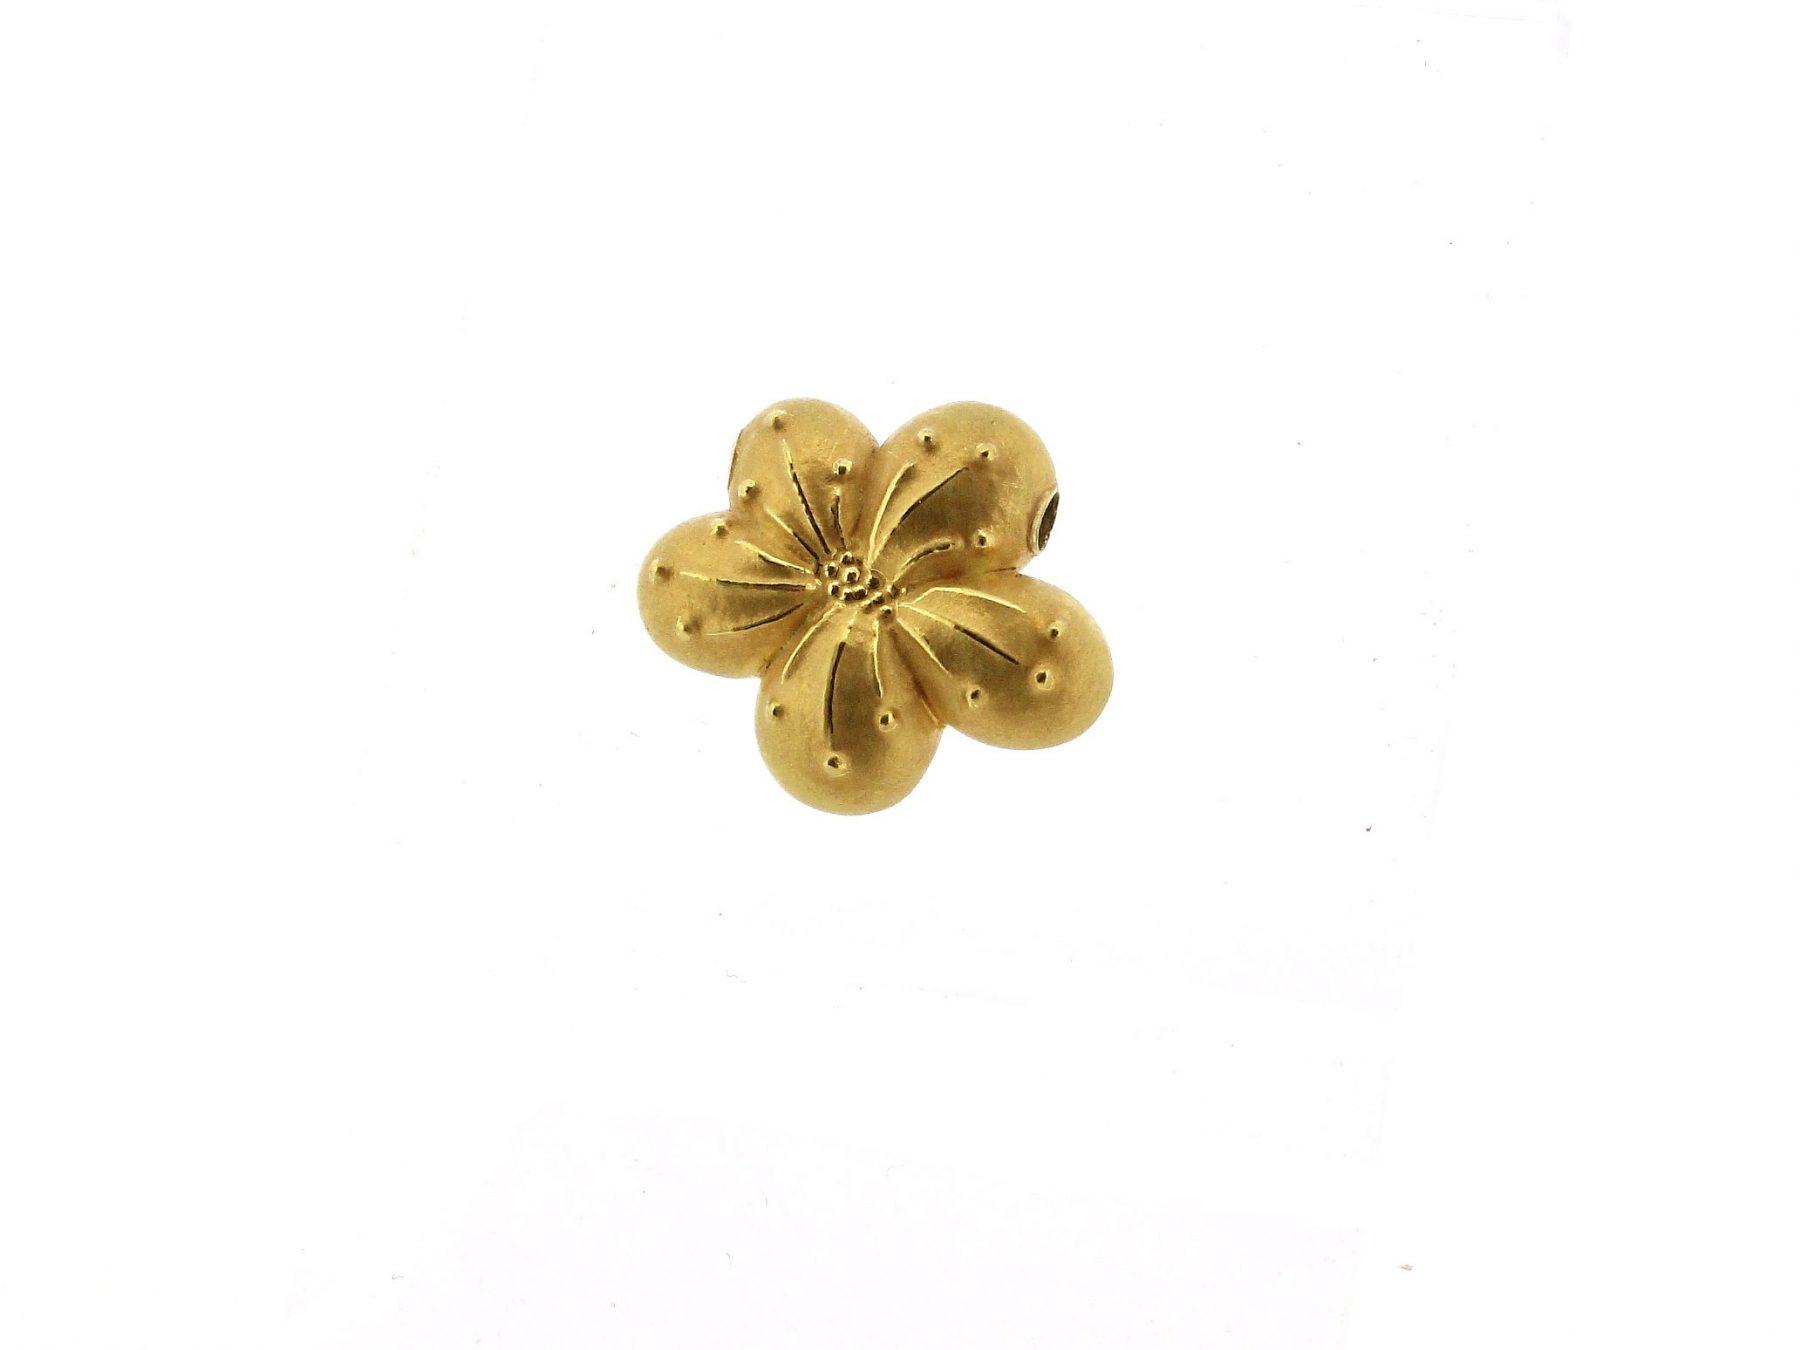 Schließe Blume 22ct Gold - Individuelle Marken - 307dosc05-1